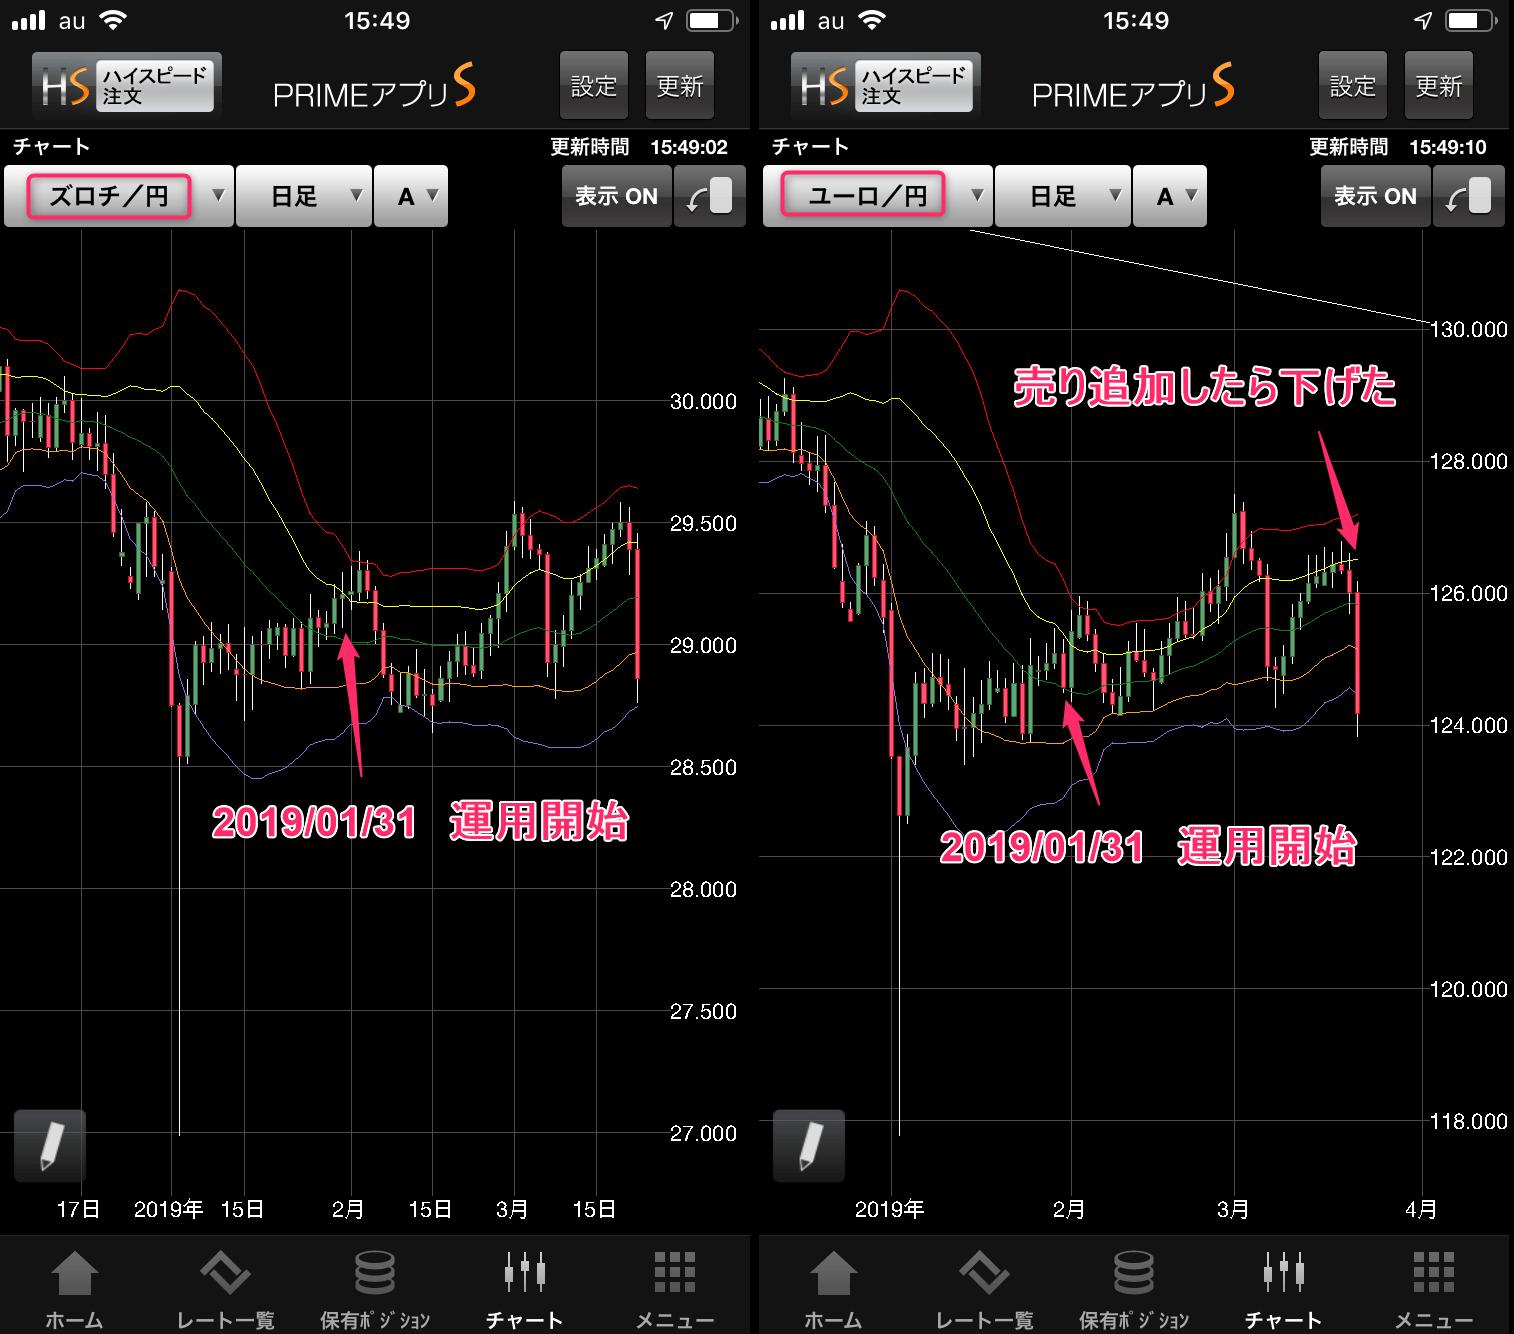 ズロチ日足チャート